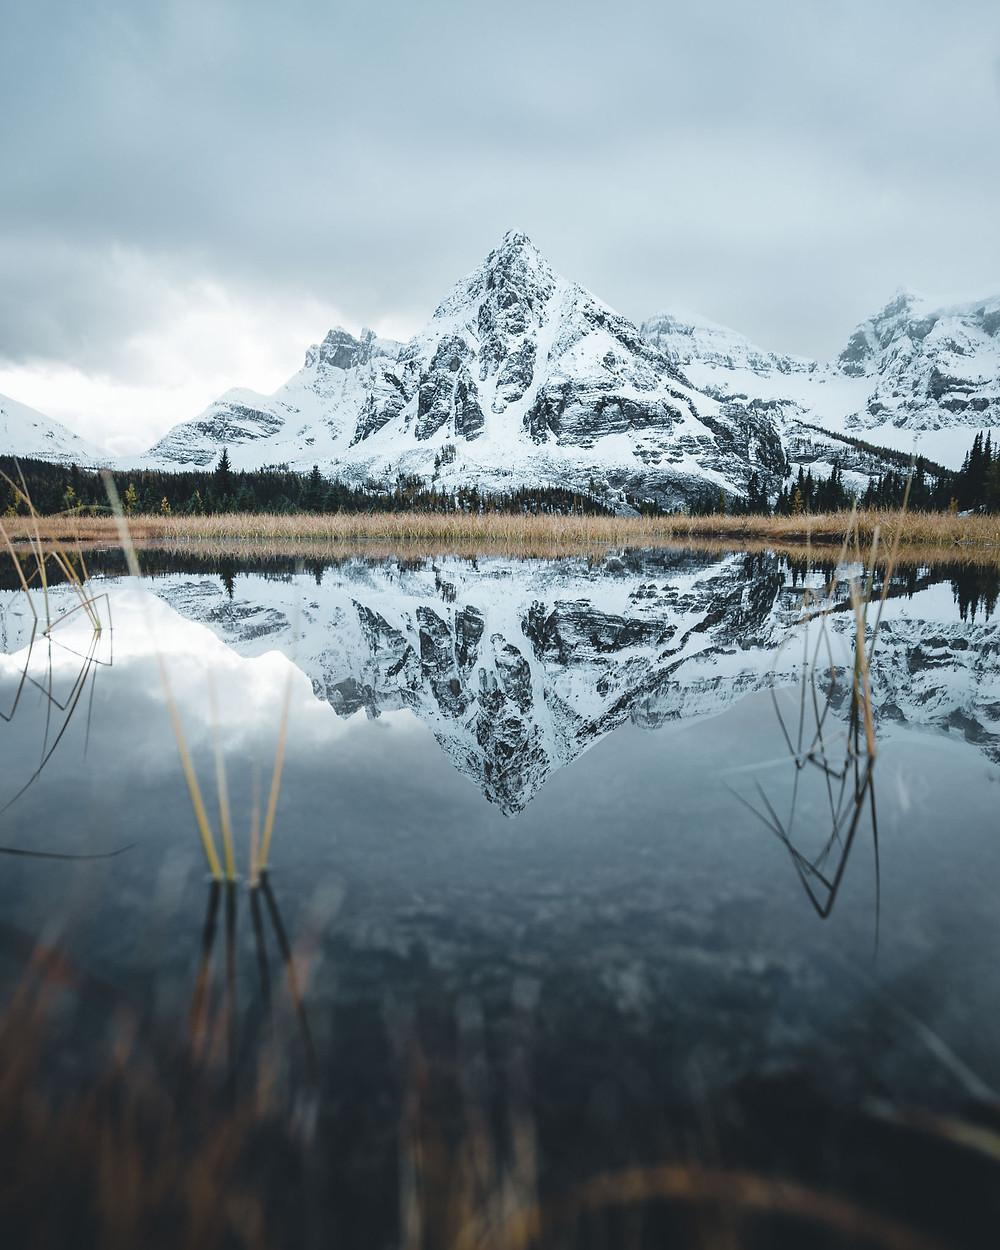 Mount Assiniboine, Abenteuer, Wandern, Blog, Instagram, Canada, Kanada, Route, Photography, Fotografie, Reisen